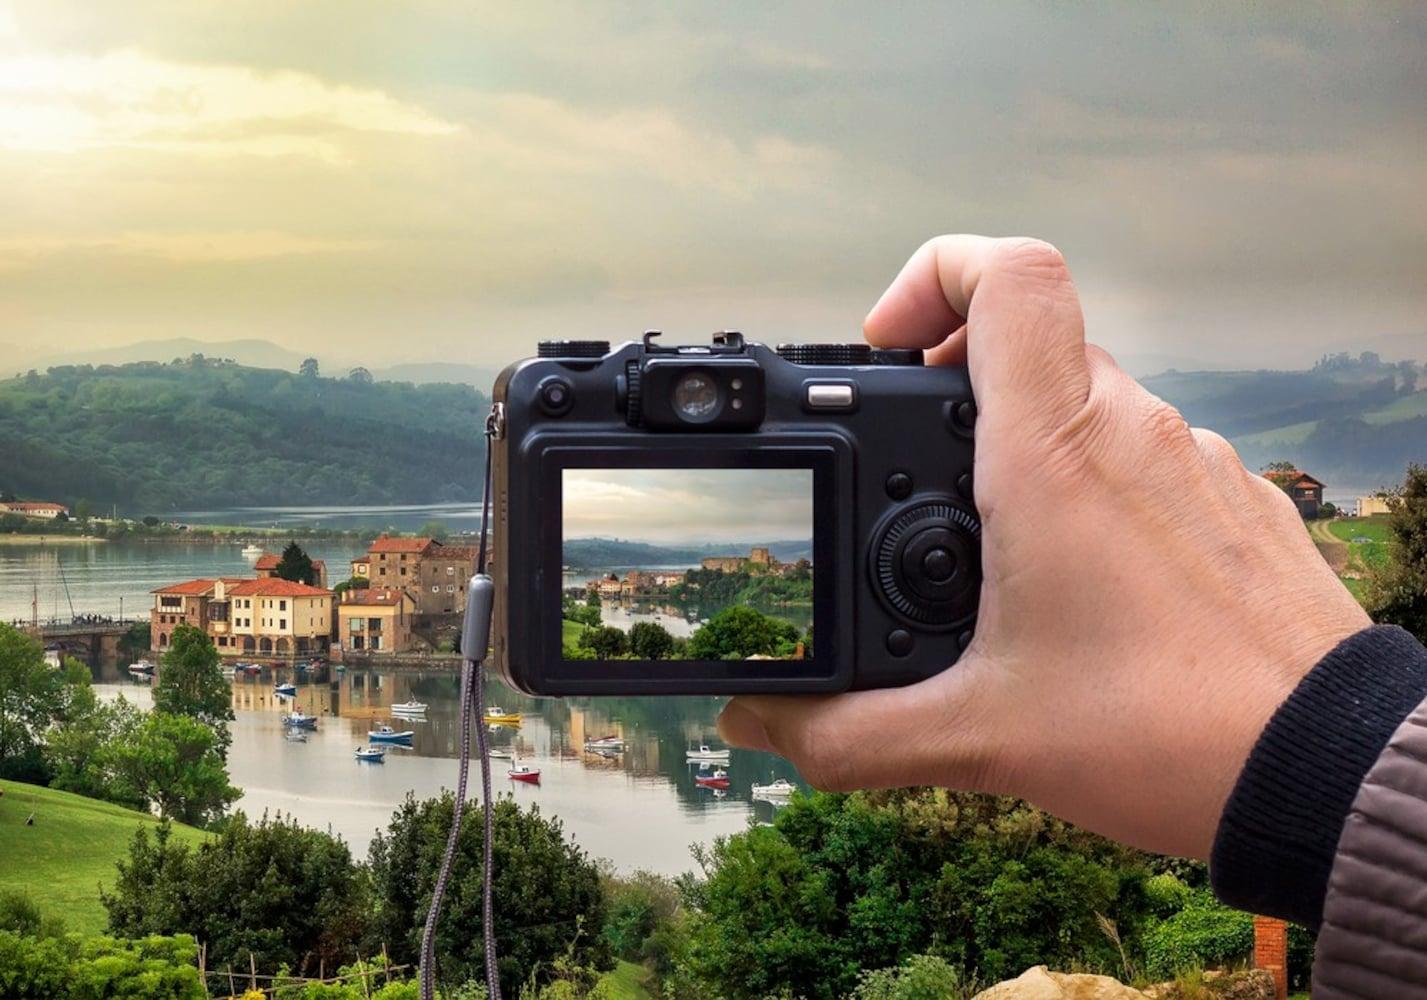 「焦点距離」と「F値」は、レンズの基本的な性能を表す数値であり、ふたつの数値はレンズの明るさを決める上で大切です。焦点距離が短いと広角系、長いほど倍率が上がって望遠系のレンズになり、F値が小さいほど明るくなります。ふたつの関係は「望遠できれいな写真が撮れるか」「ボケた感じの味のある写真が撮れるか」などを左右します。